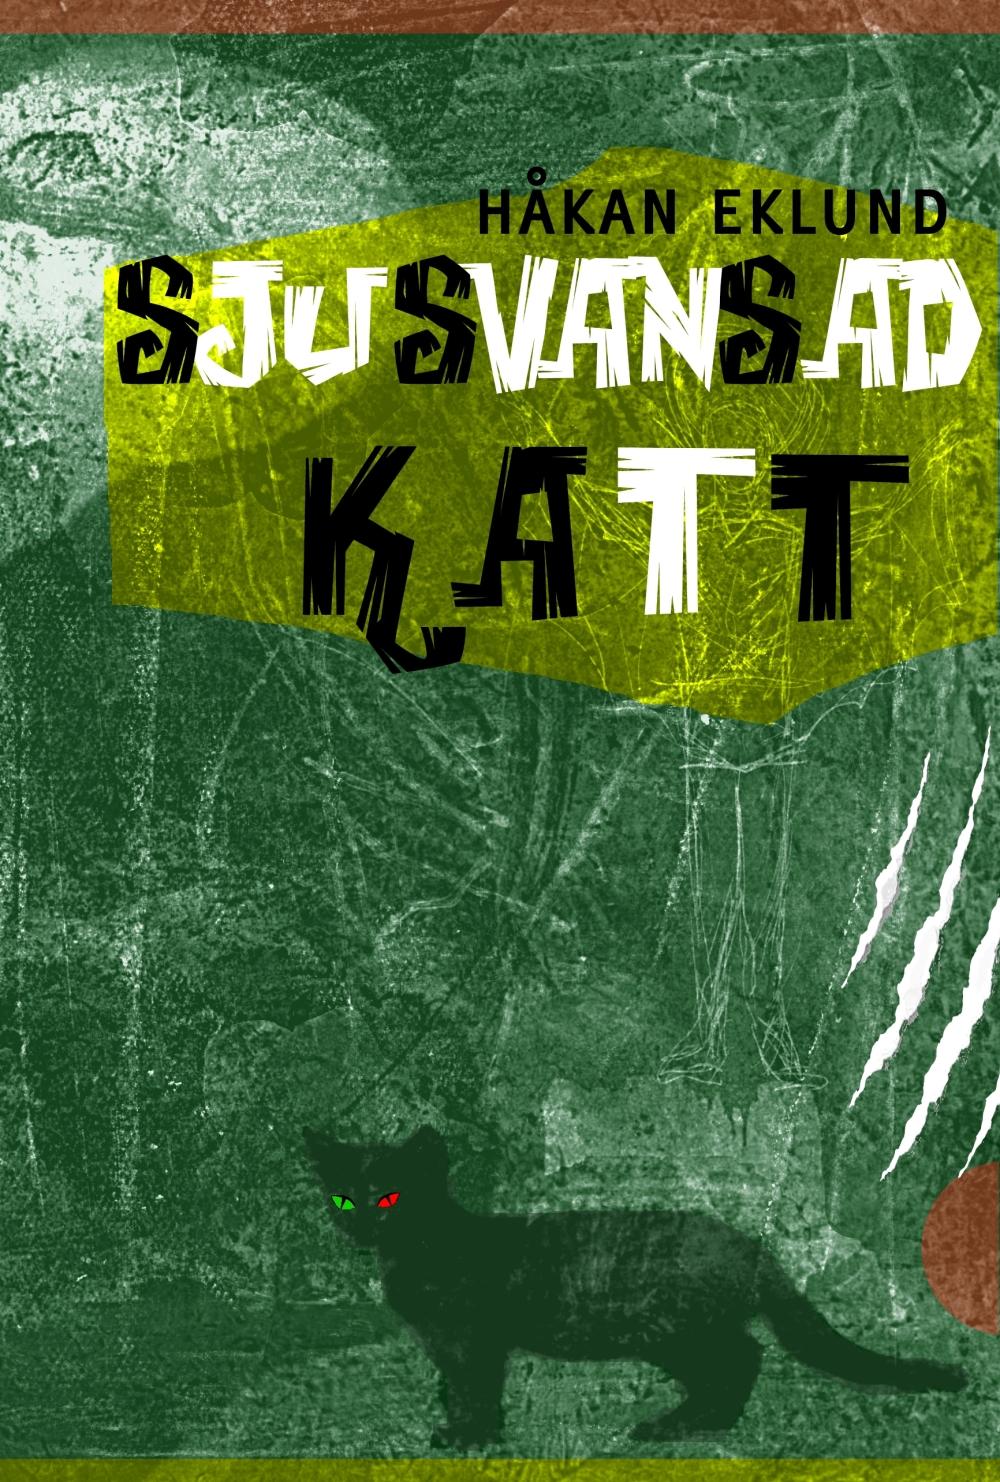 DIGITALT_OMSLAG_Sjusvansad_Katt